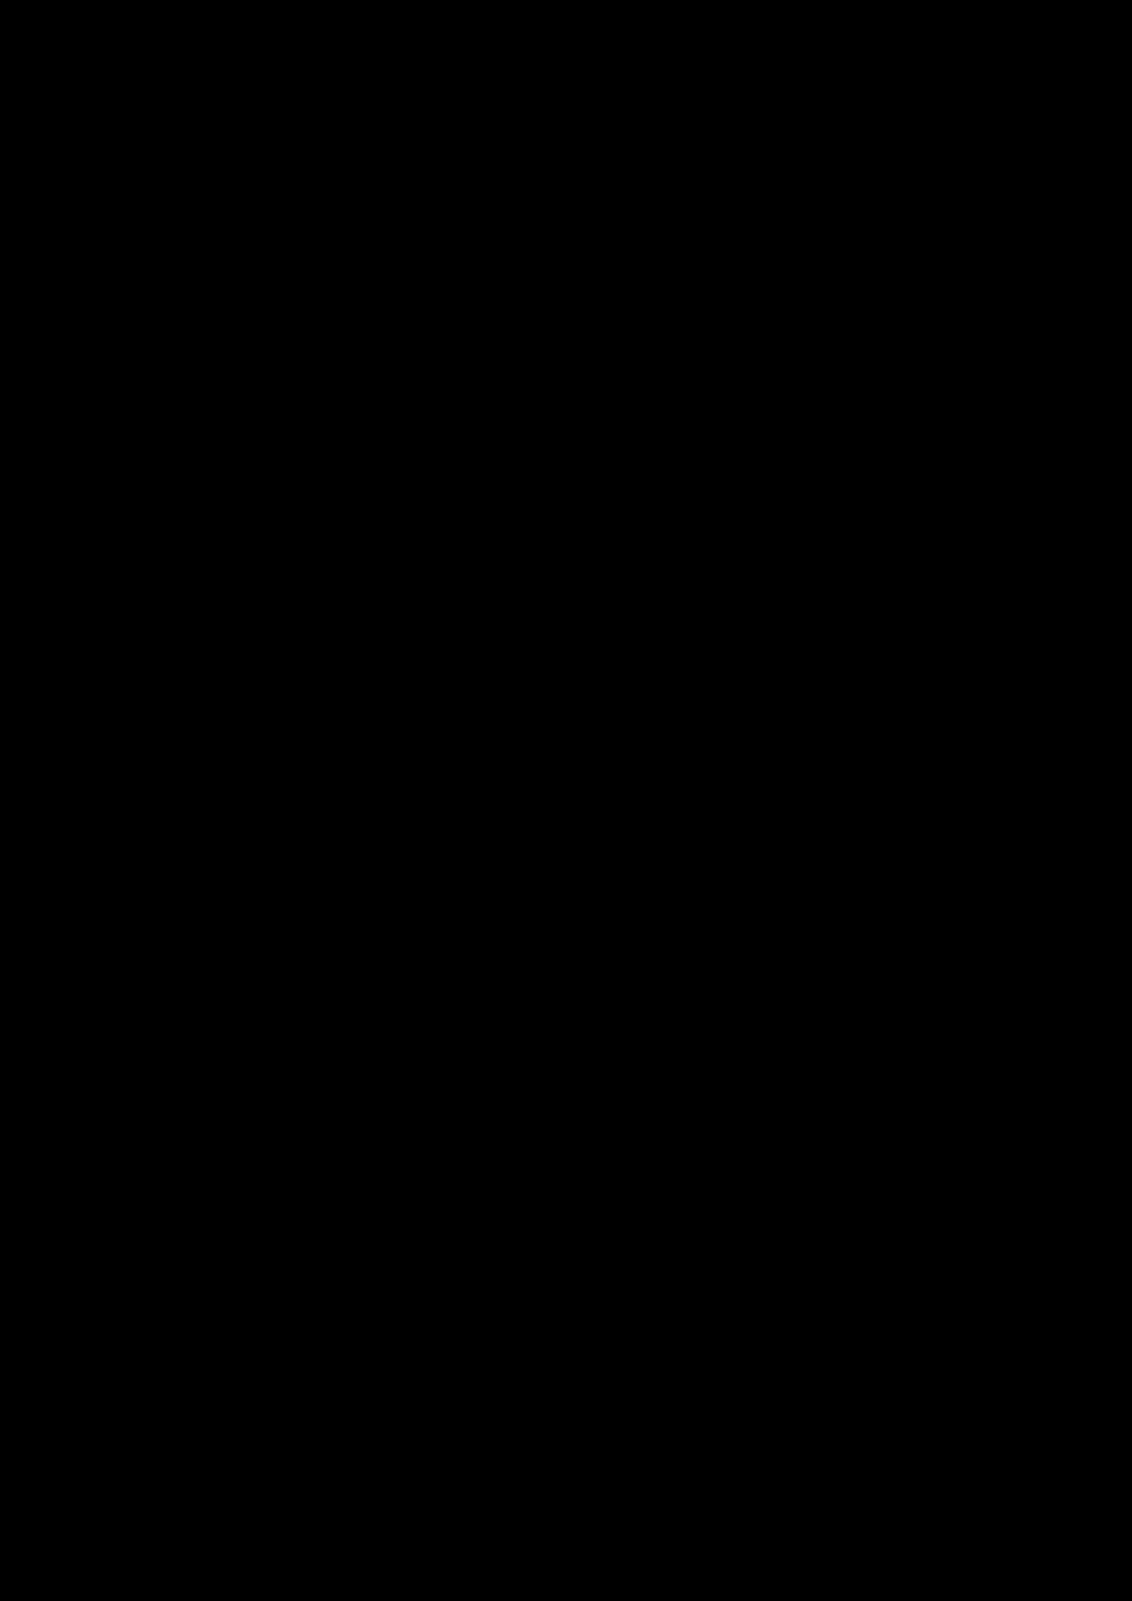 Zagadka volshebnoy stranyi slide, Image 144